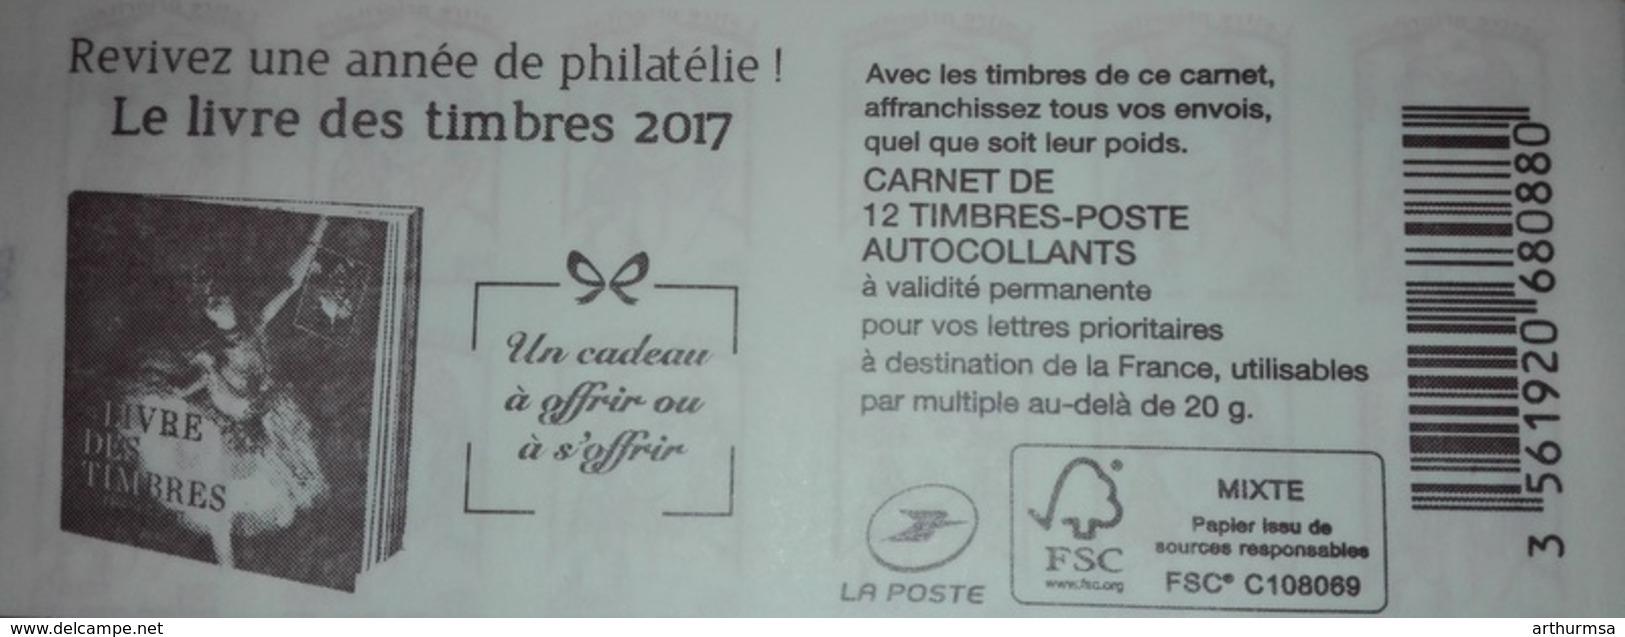 CARNET MARIANNE CIAPPA SANS 20 GRAMMES AVEC NUMERO LE LIVRE DES TIMBRES 2017 - Usage Courant